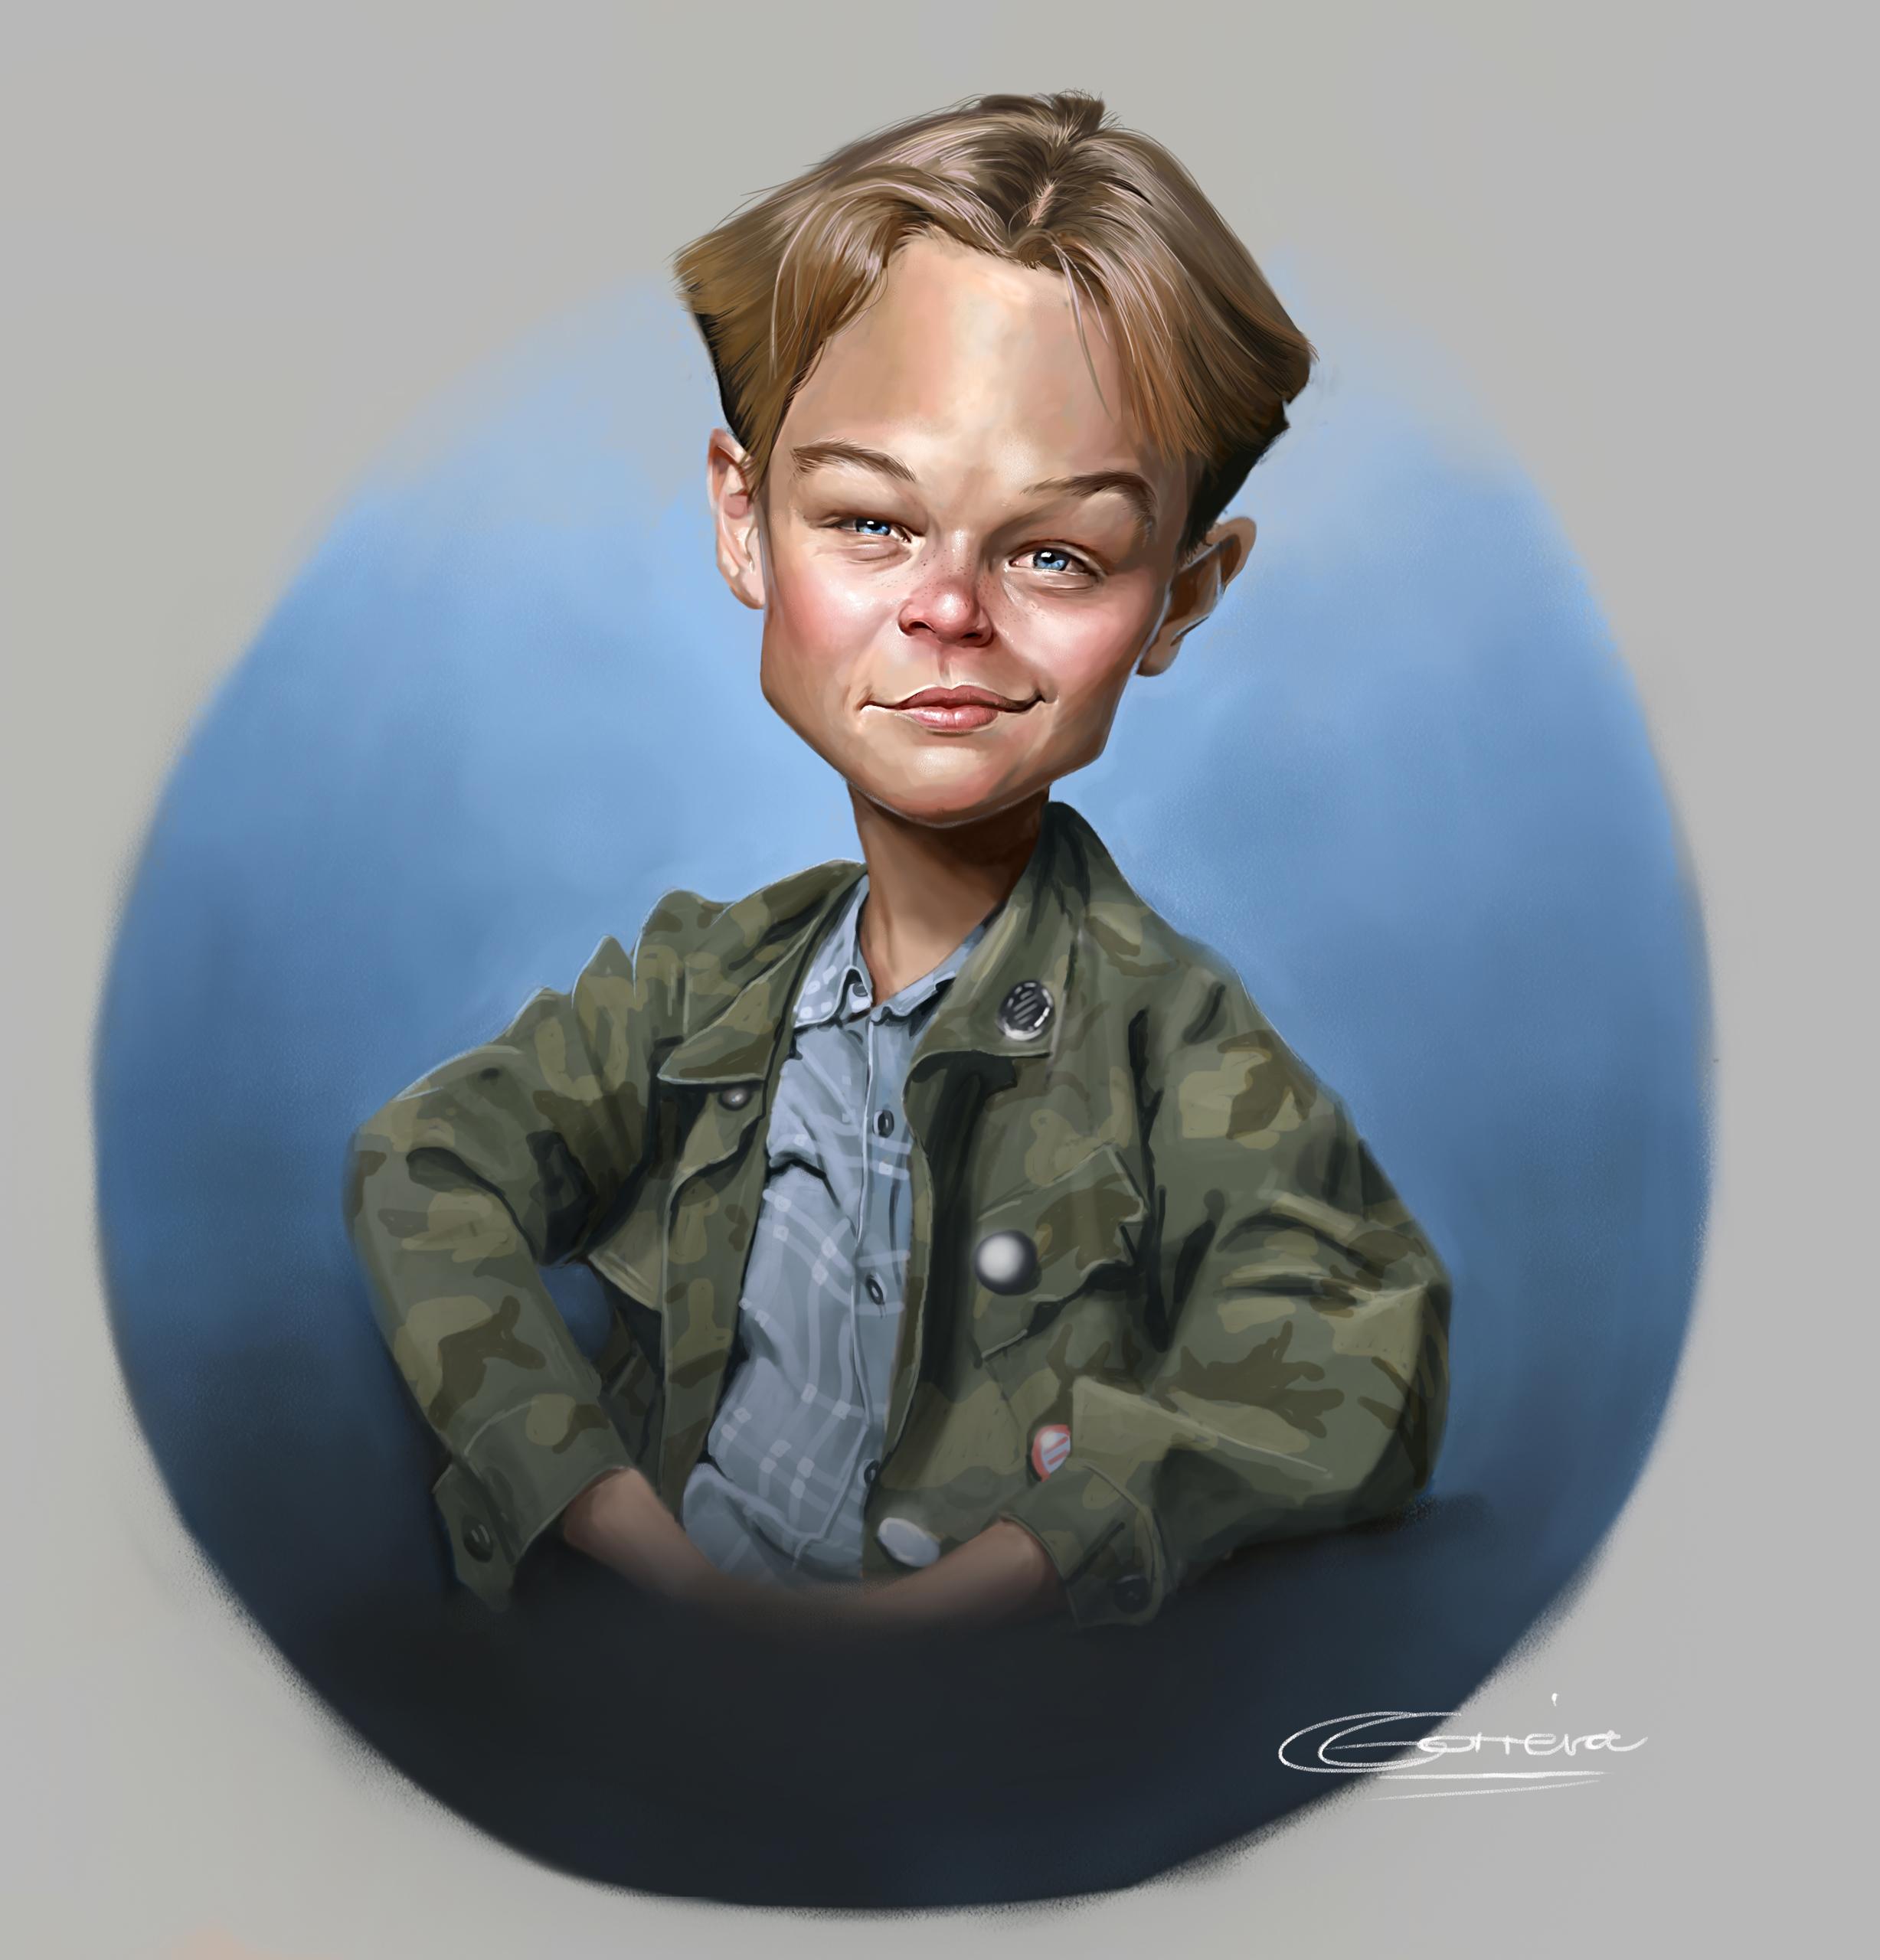 Leonardo DiCaprio Caricature - nightshadeberry | ello